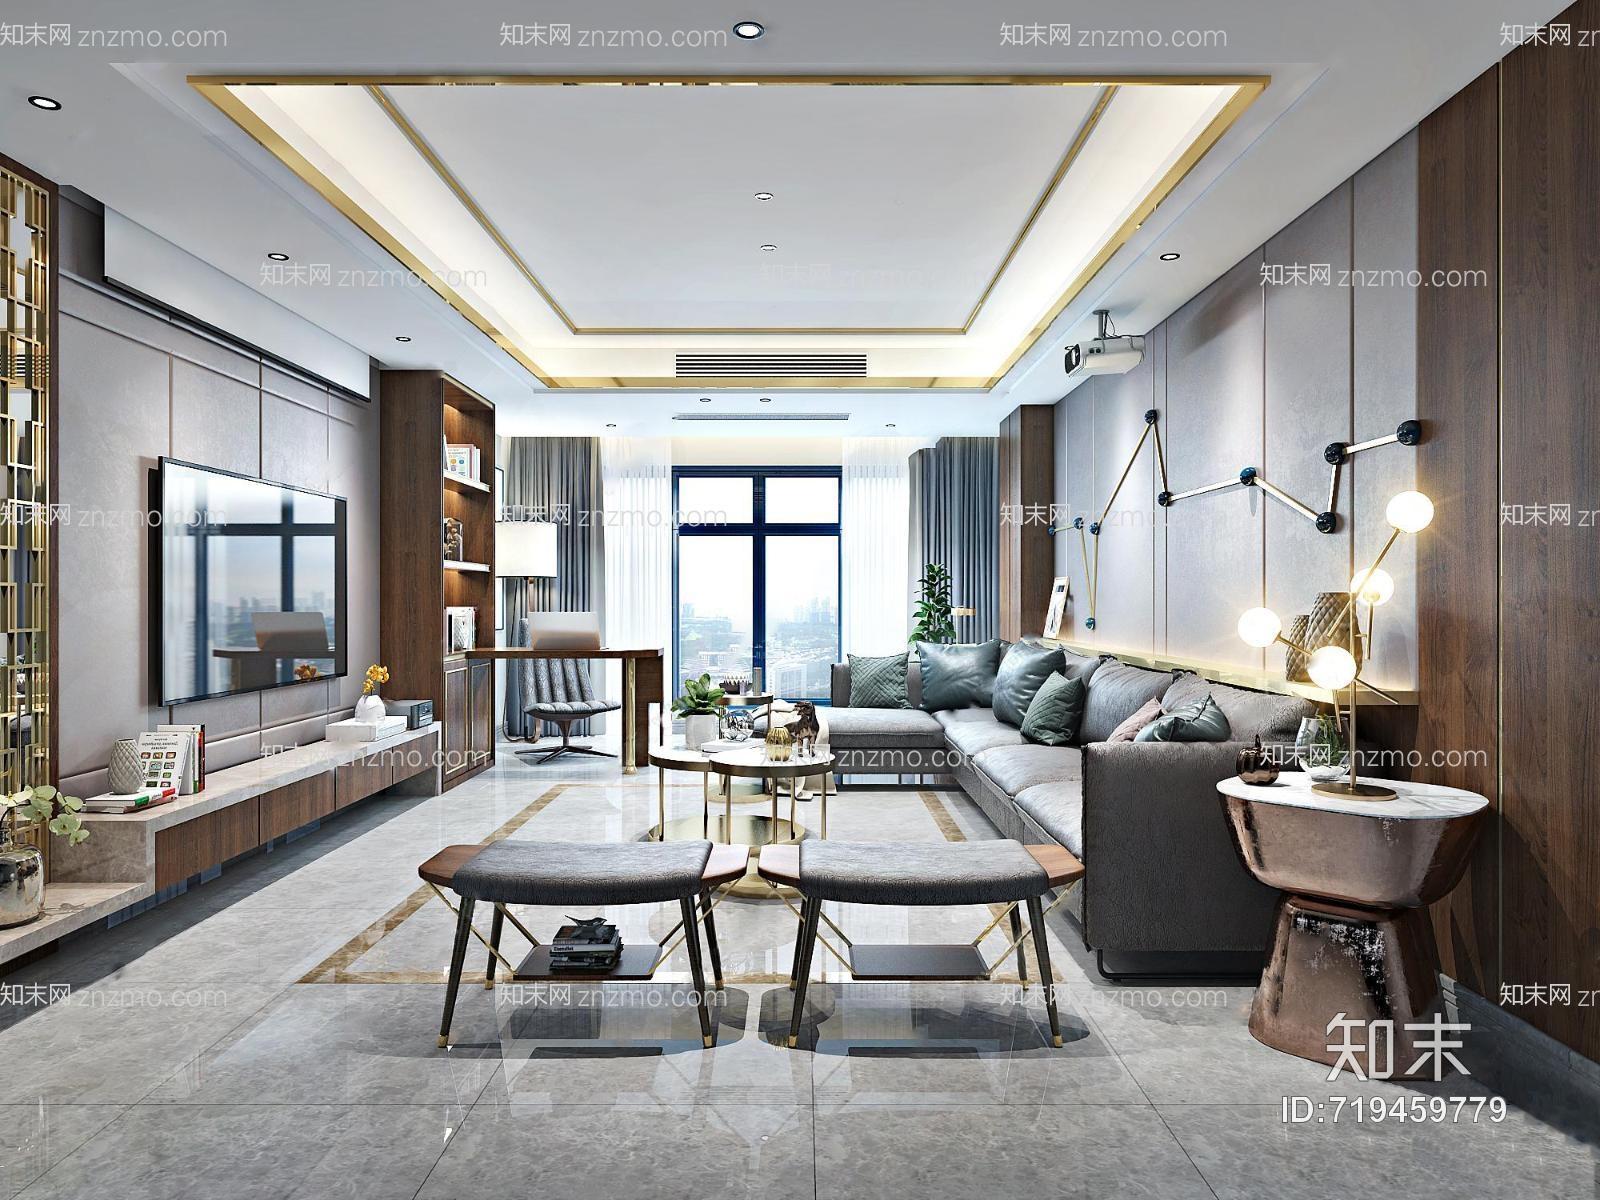 现代客餐厅 吊灯 台灯 多人沙发 沙发凳 茶几 装饰柜 书架 摆件 书桌椅 装饰墙